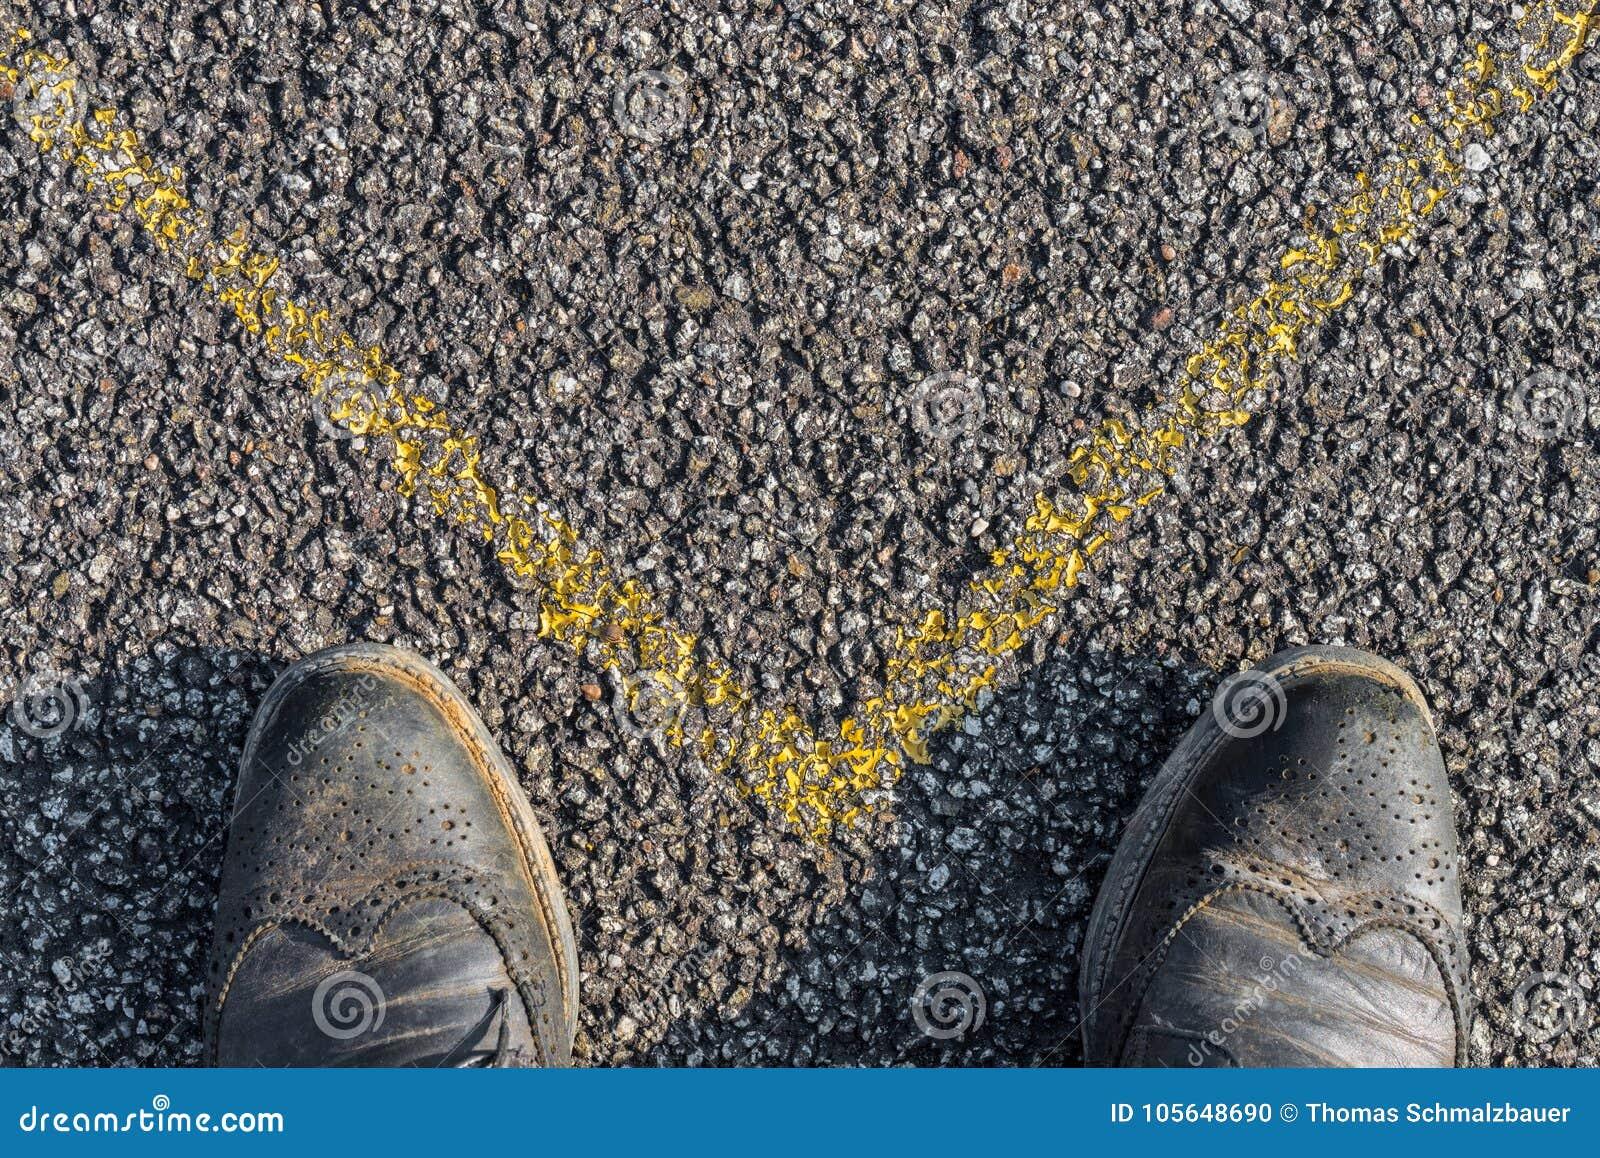 Chaussures d affaires et marque jaune sur l asphalte